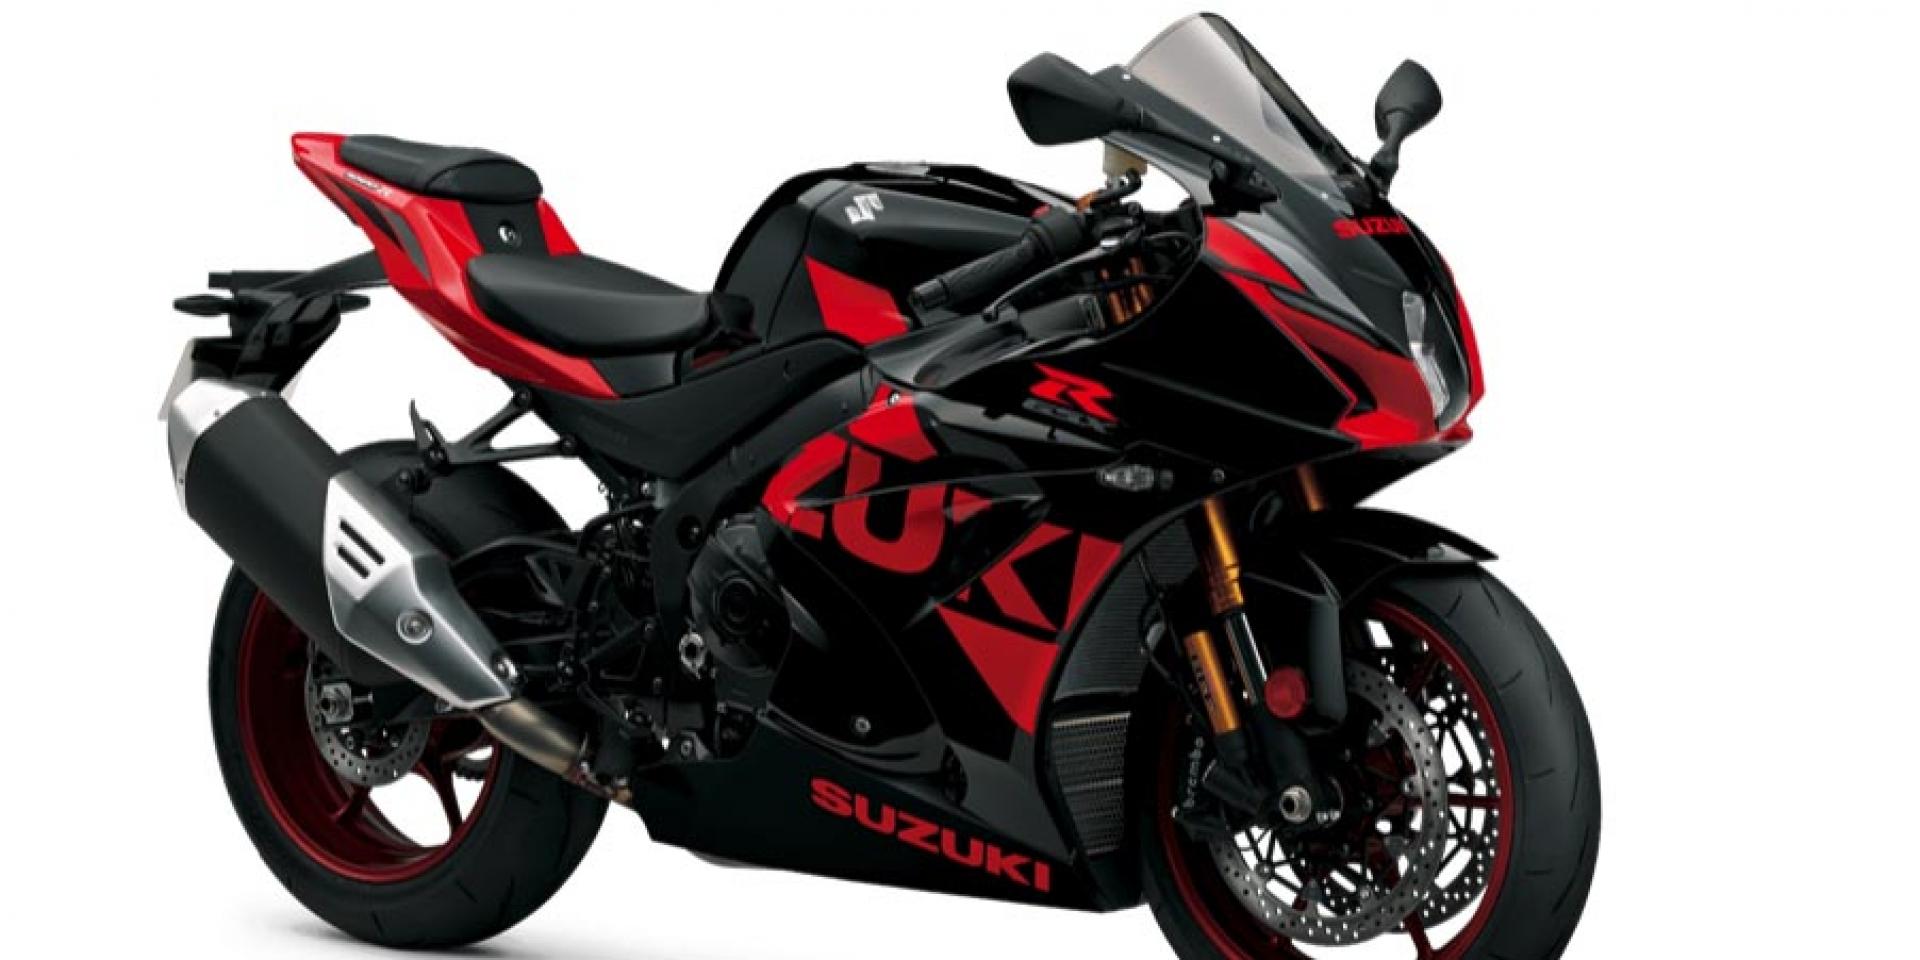 SUZUKI GSX-R1000R、S750新色歐洲發表。目前暫無新車改款消息